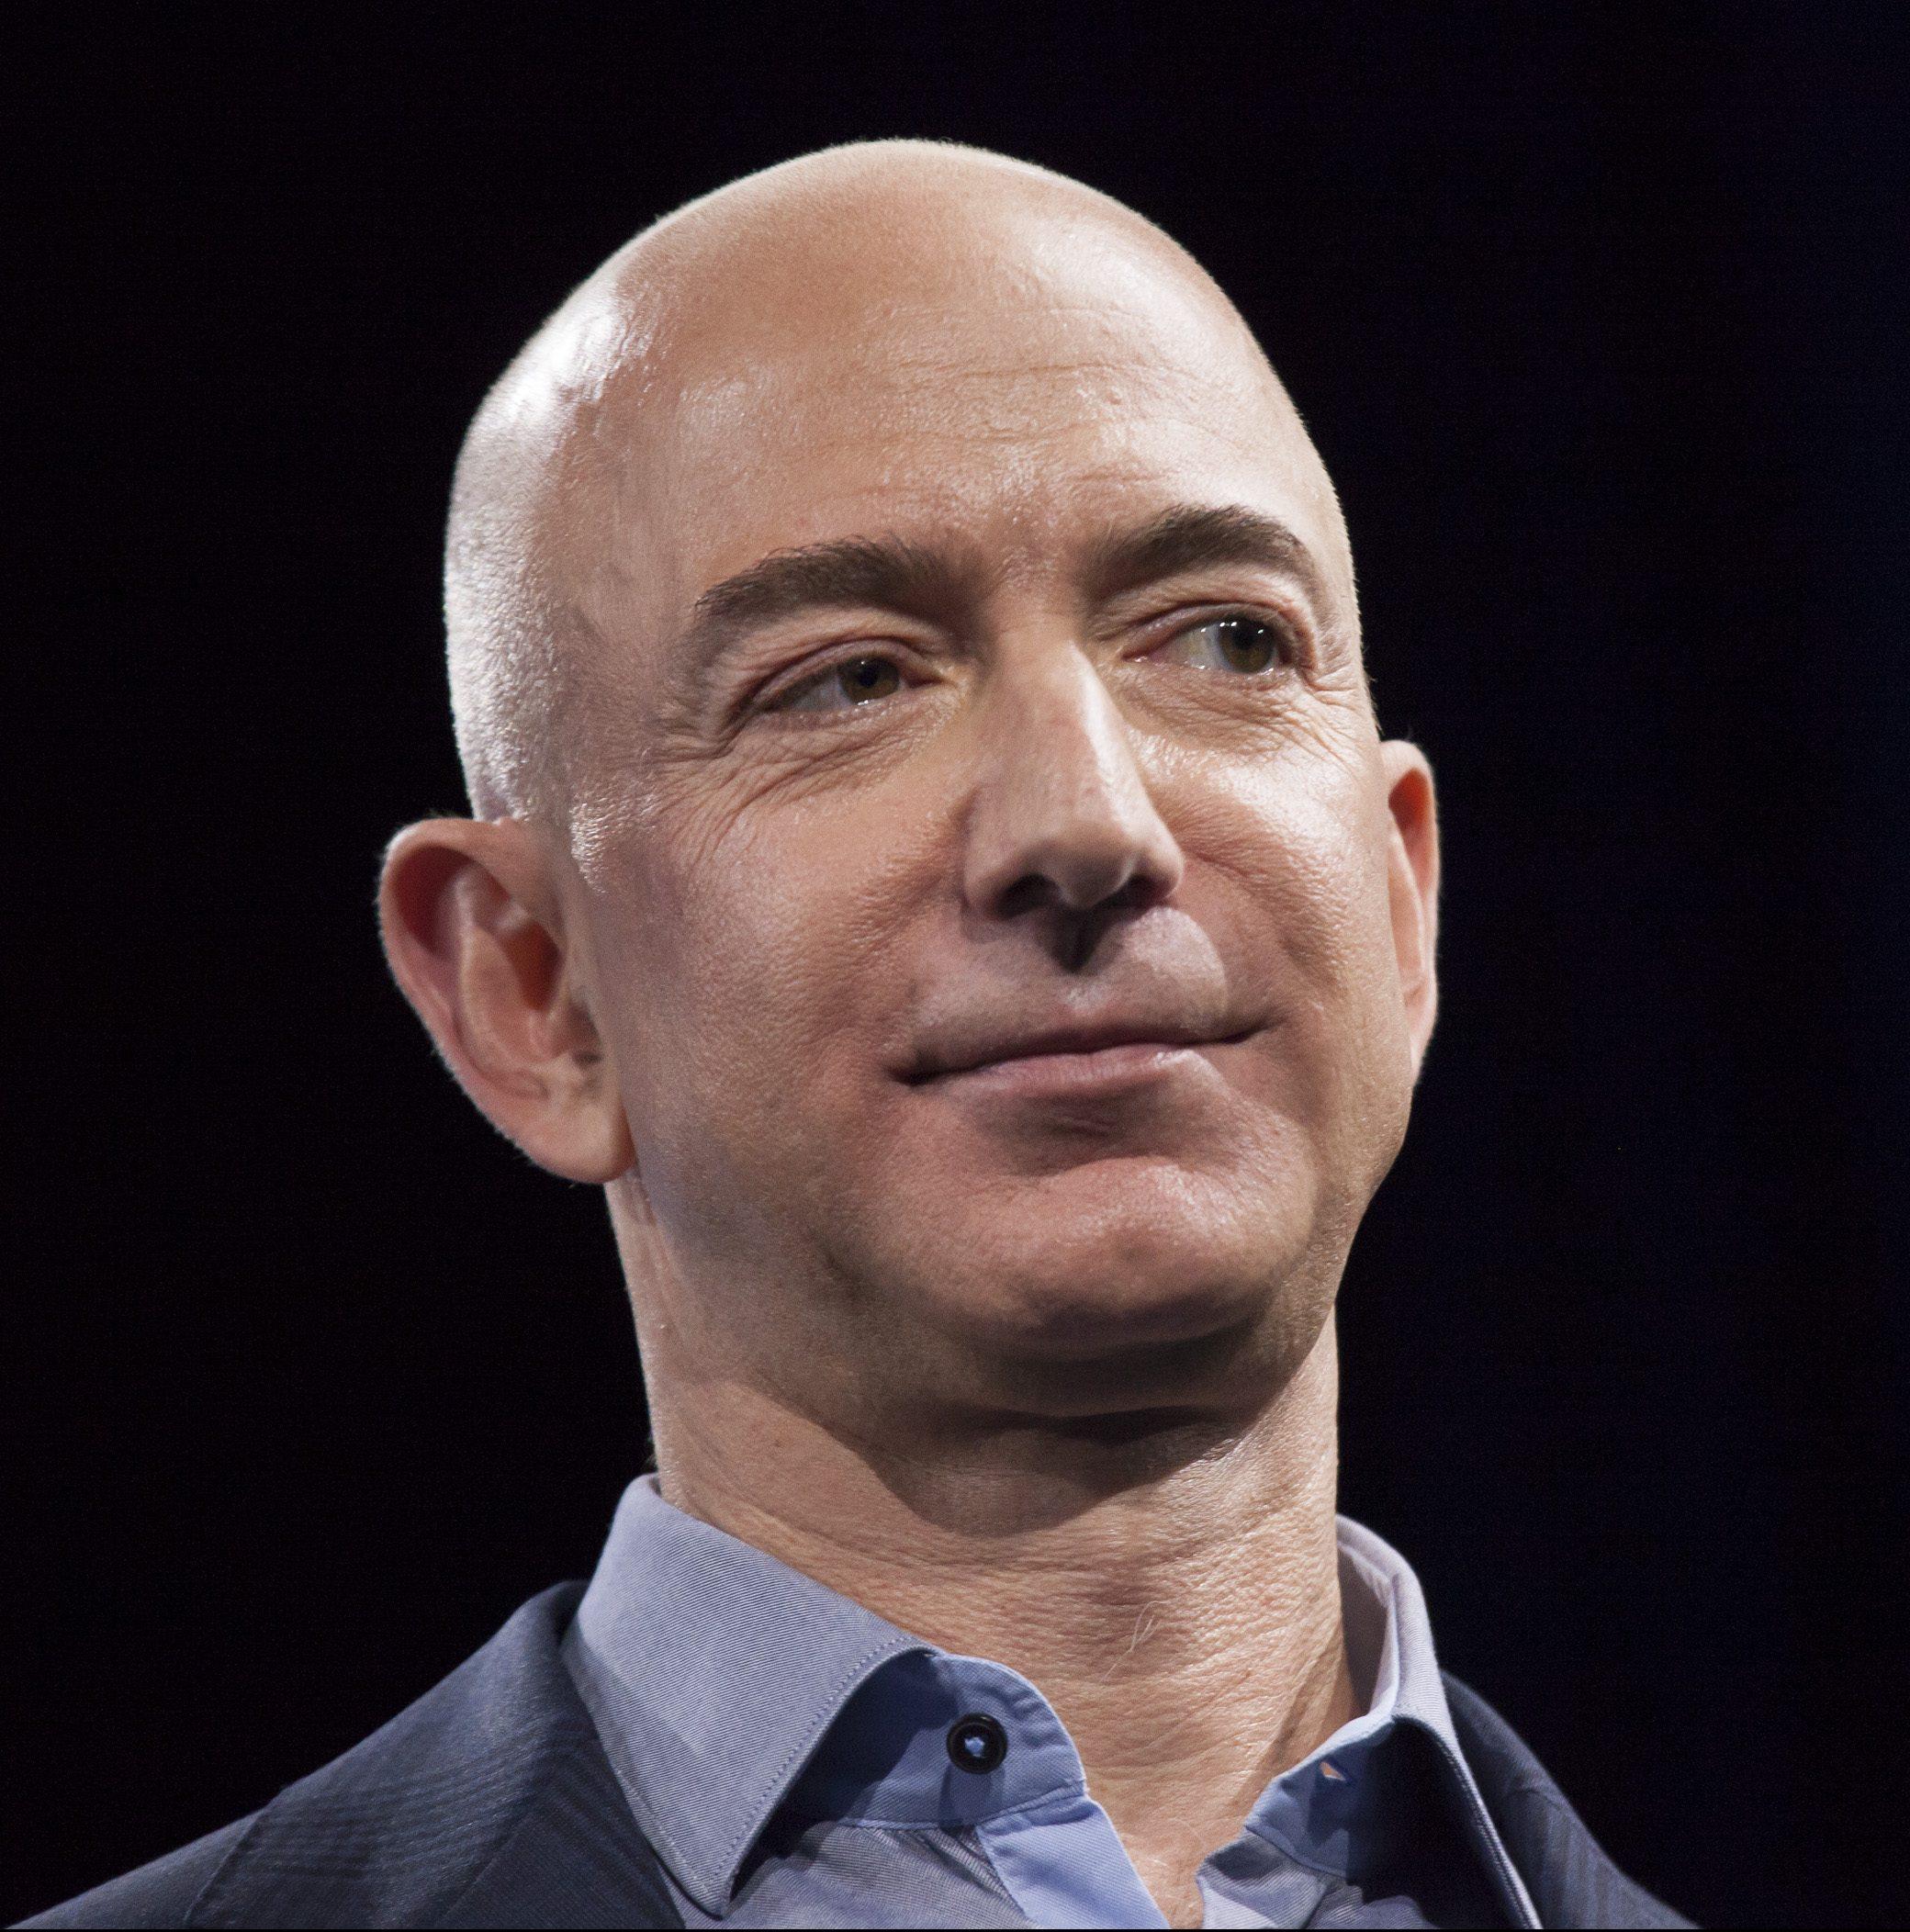 ジェフ・ベゾスが 招待者限定イベントで見せた アマゾンの未来